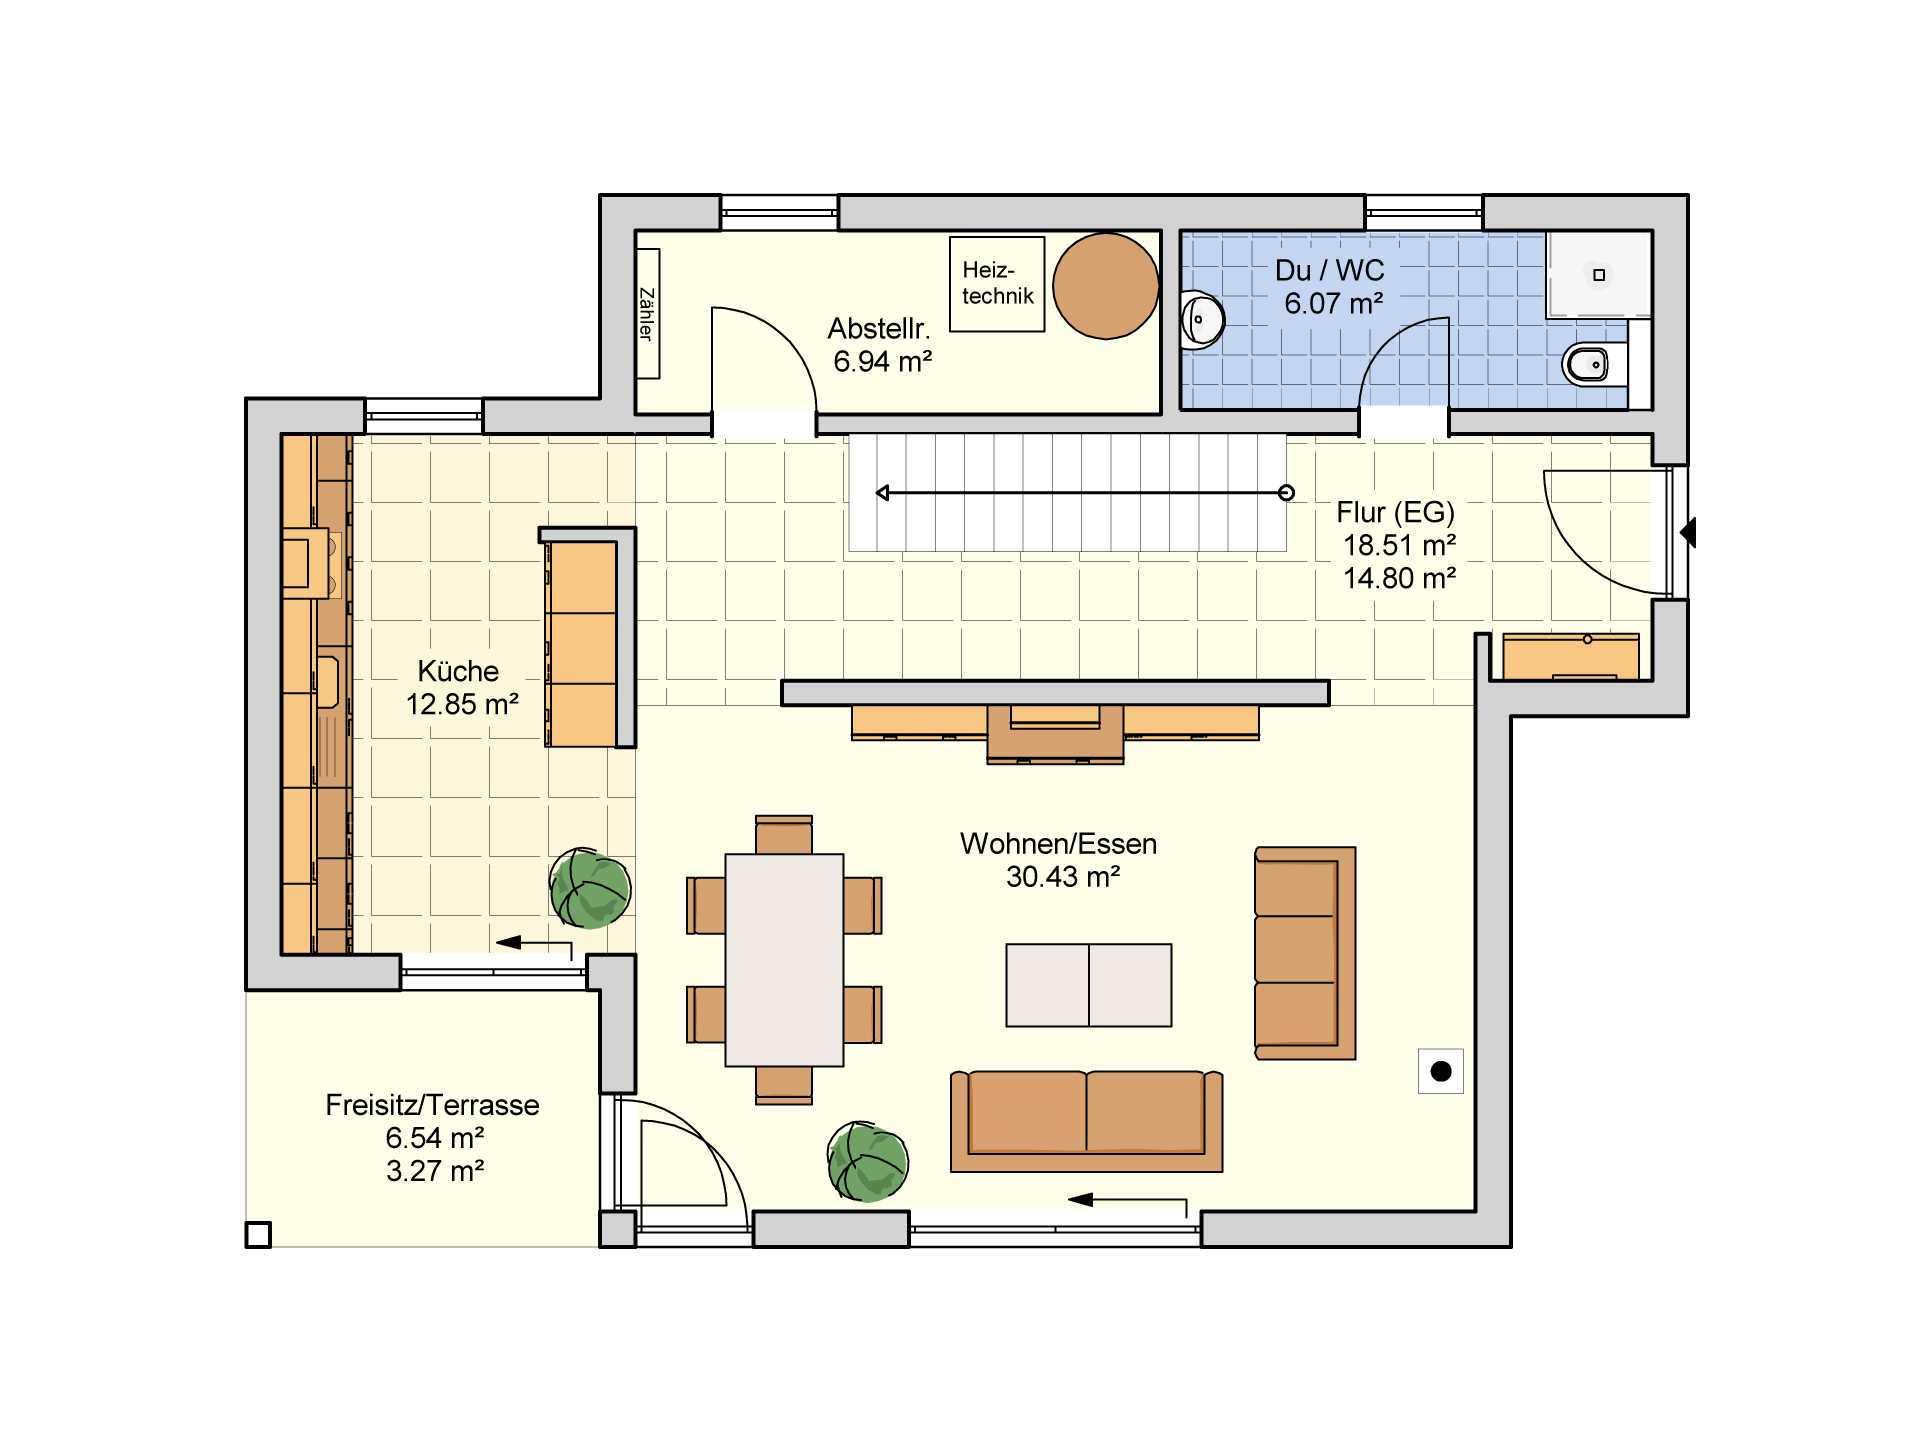 Fingerhut Haus Flachdachhaus F 97.10 Grundriss EG